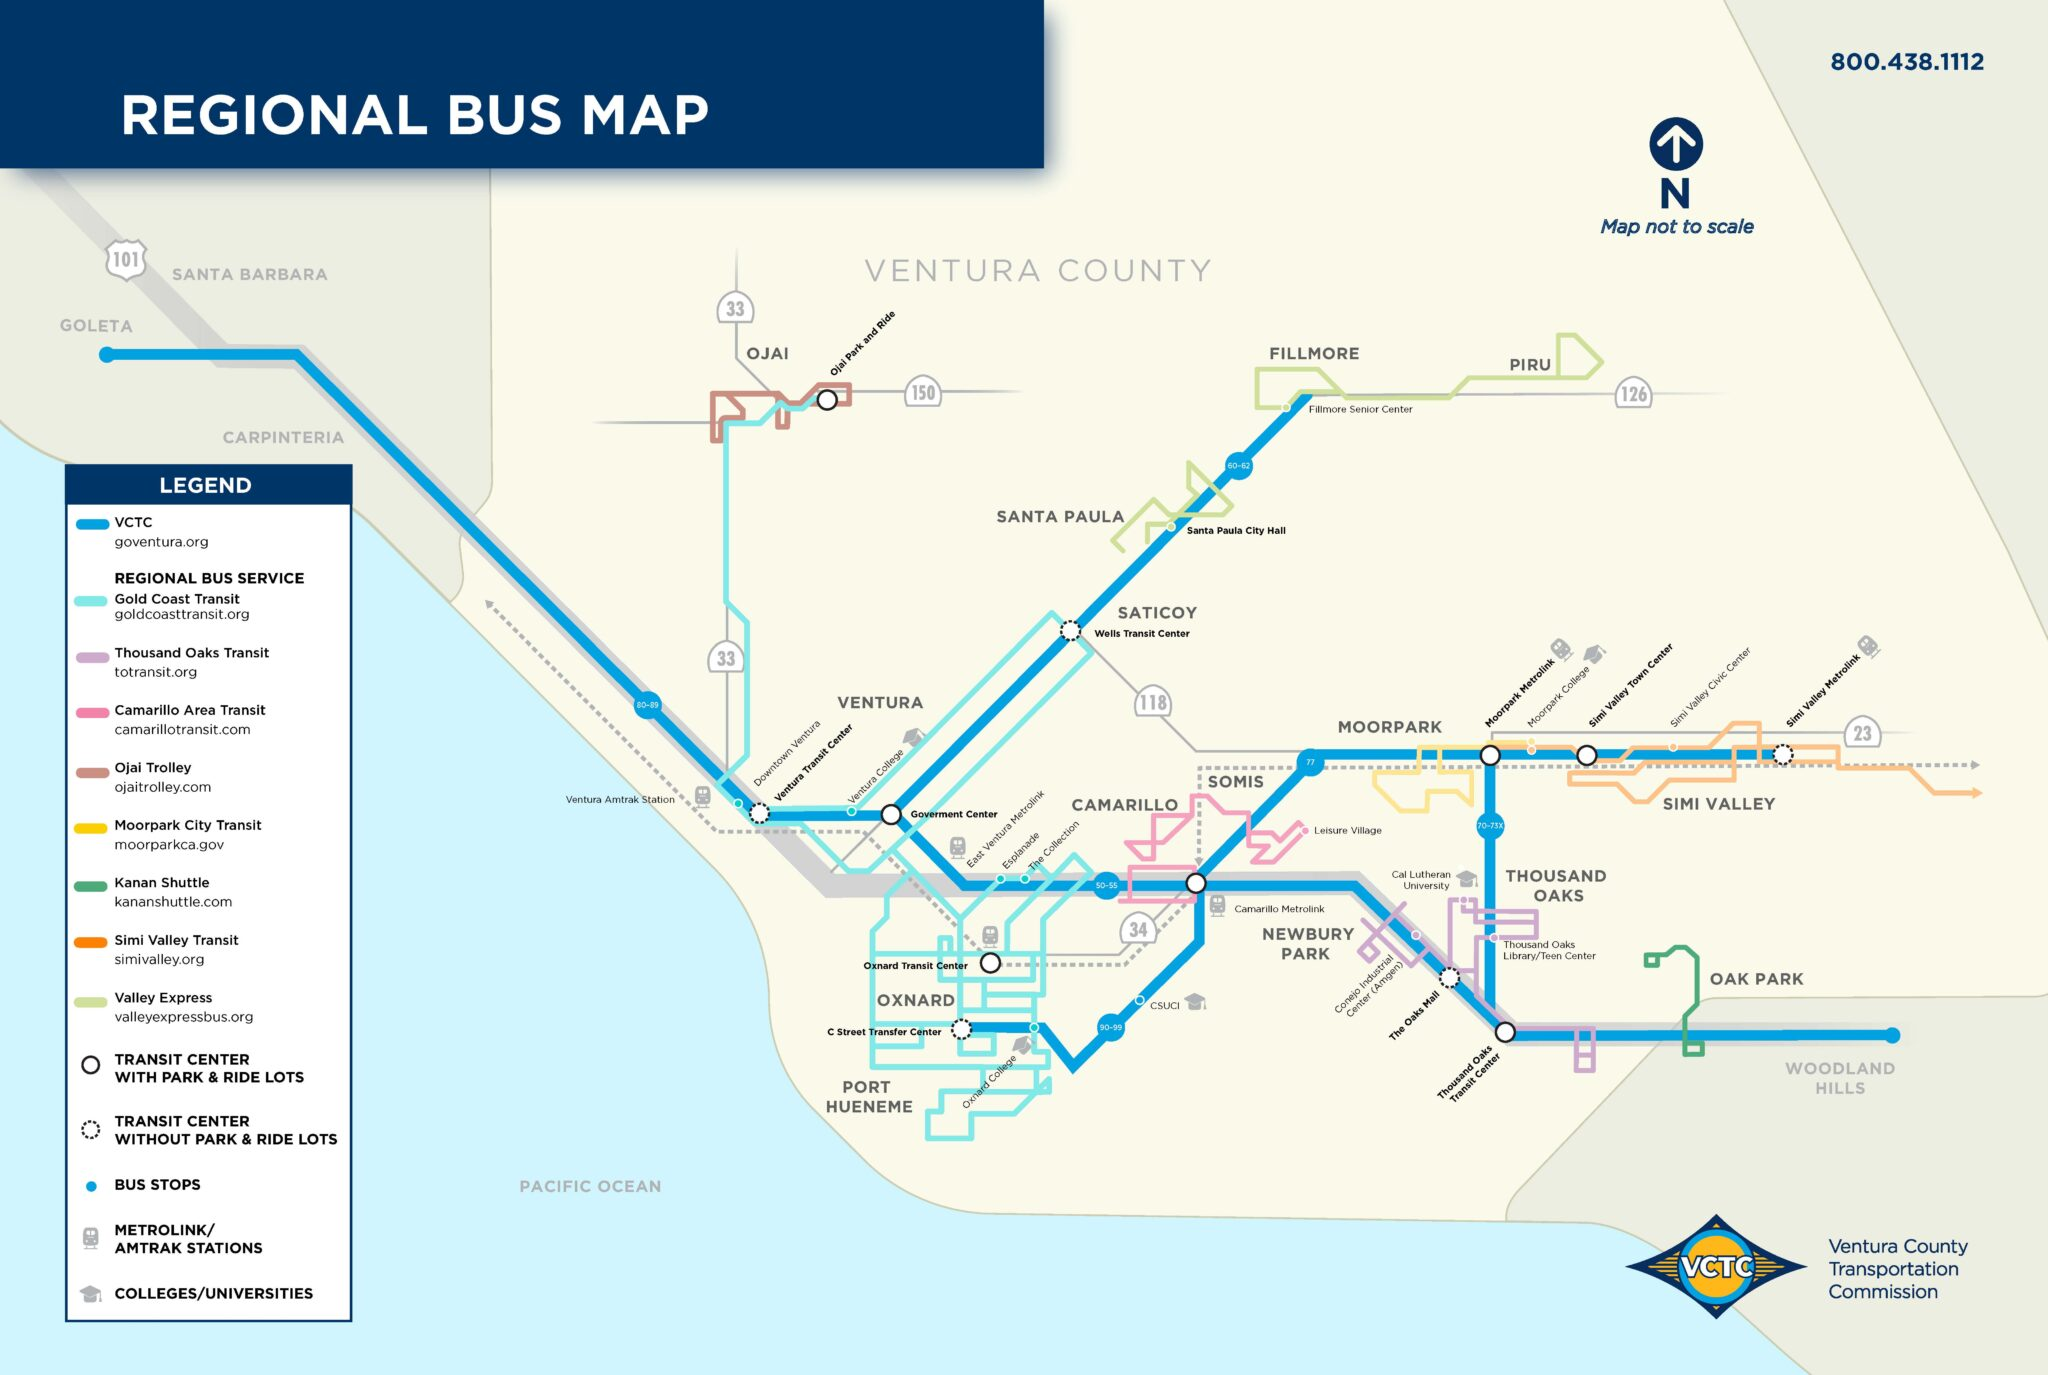 VCTC Transit Service